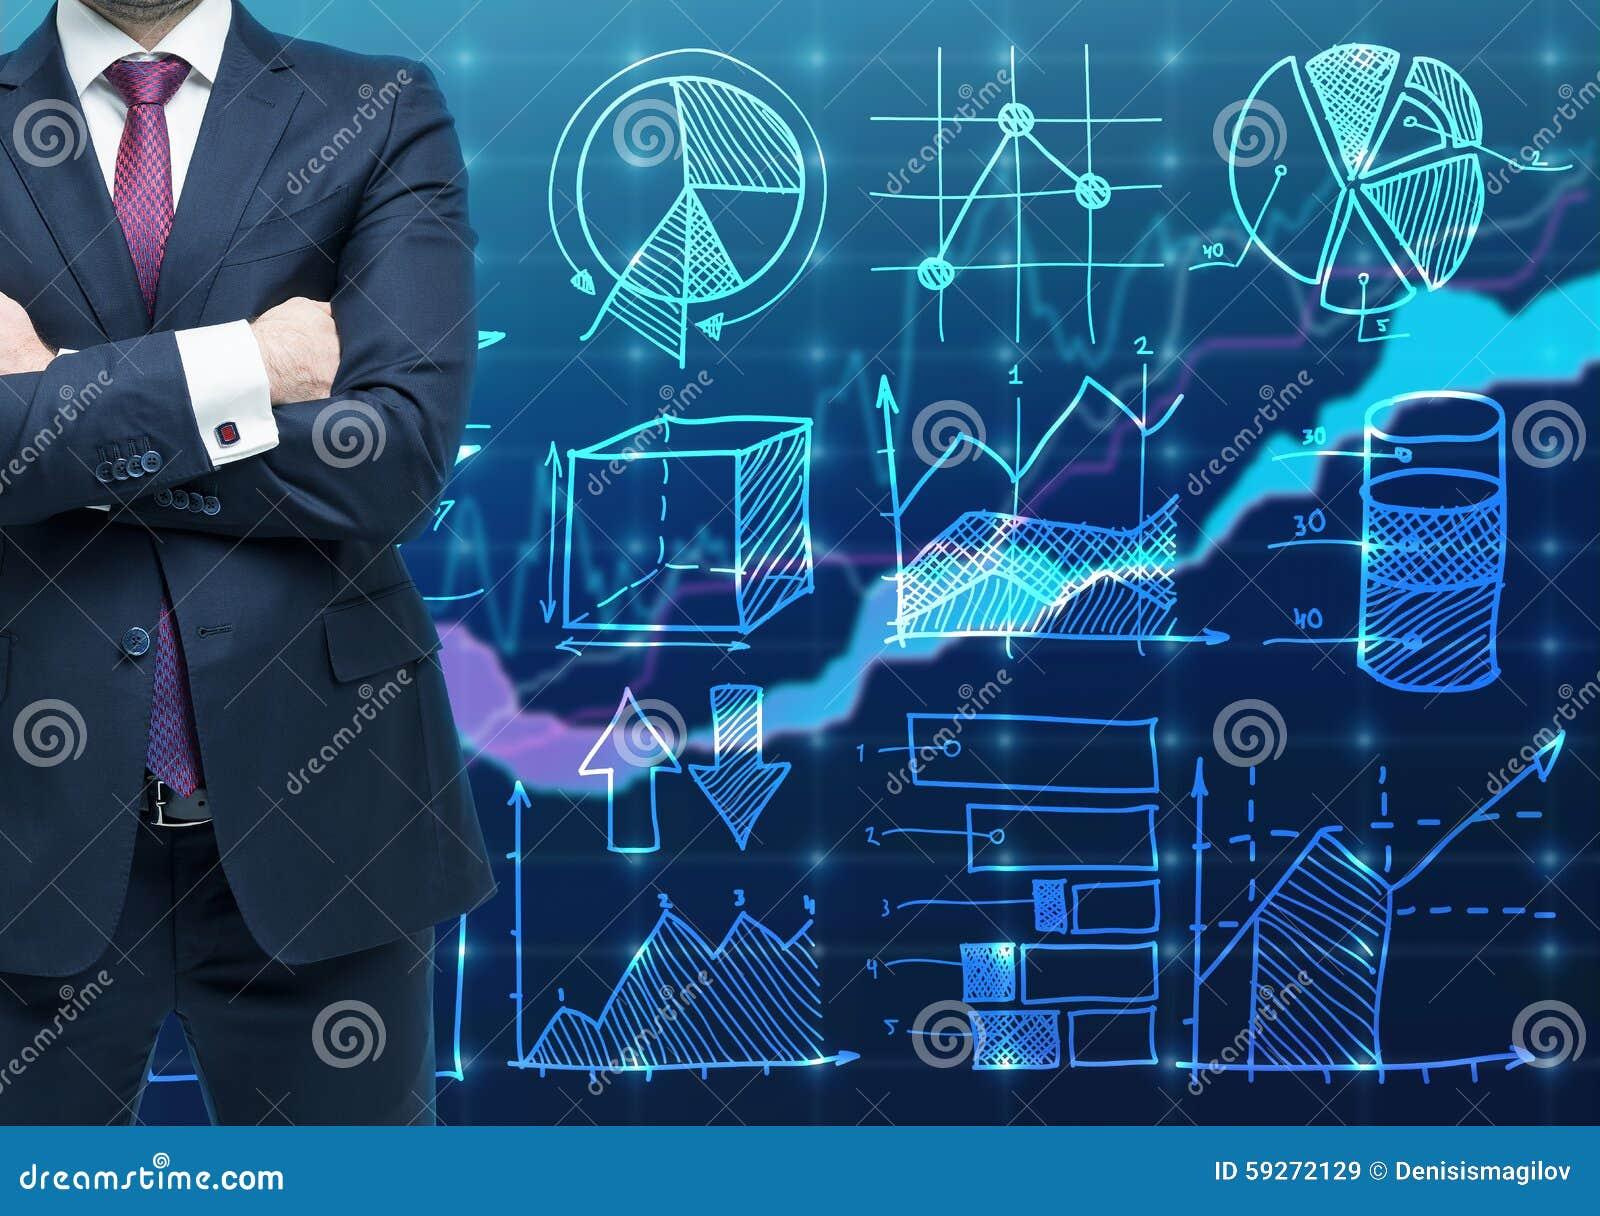 Forex analyst